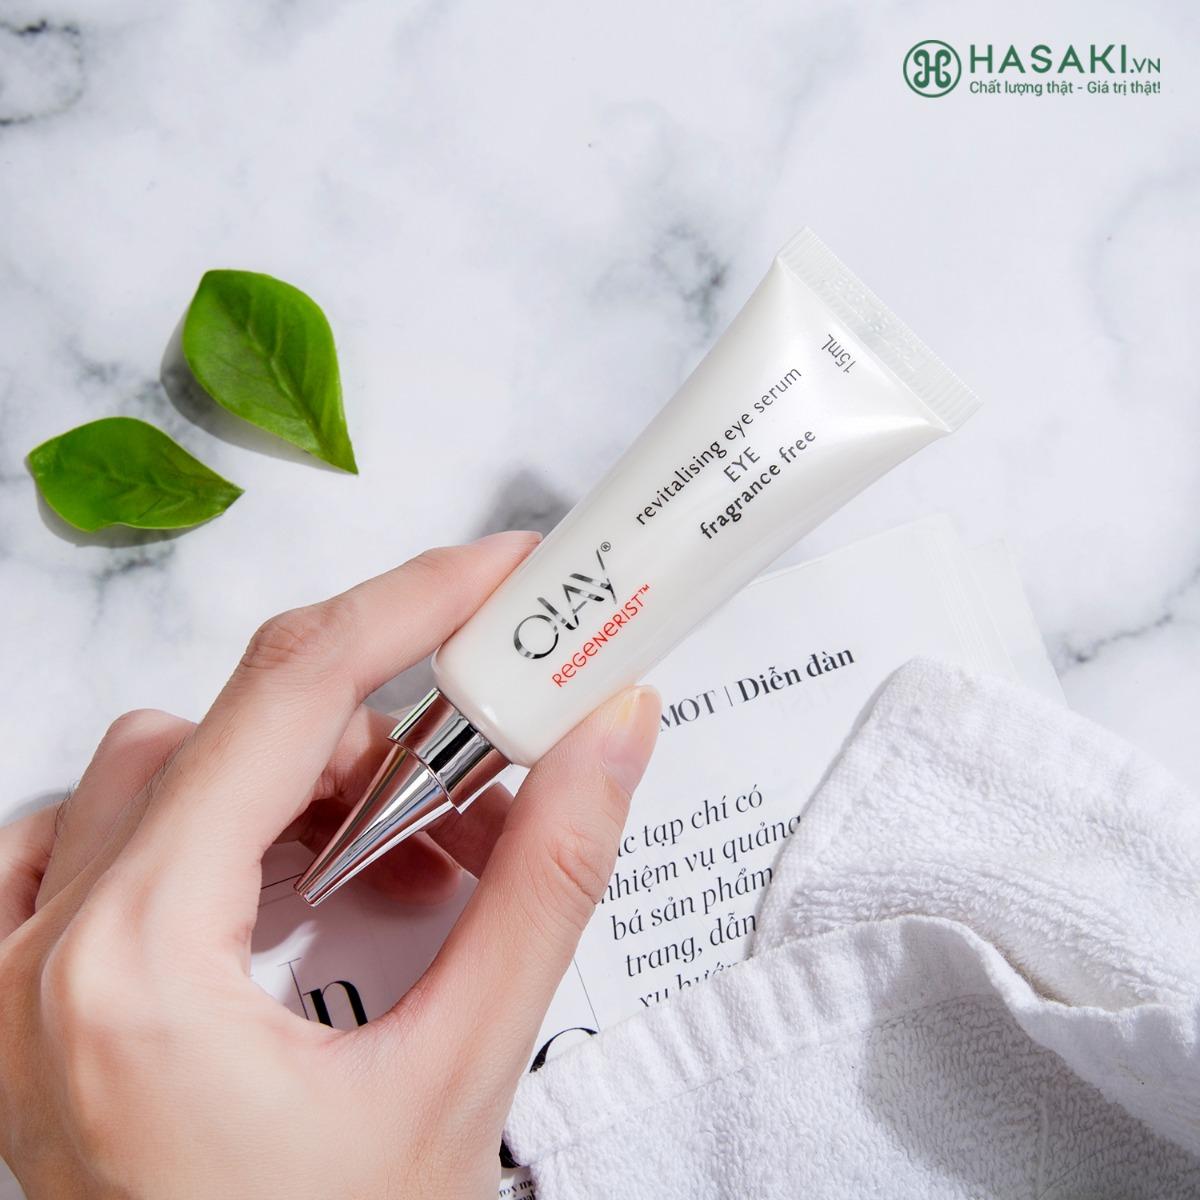 Tinh Chất Vi Dưỡng Vùng Mắt Ngừa Lão Hóa Olay Regenerist Revitalising Eye Serum Fragrance Free 15ml